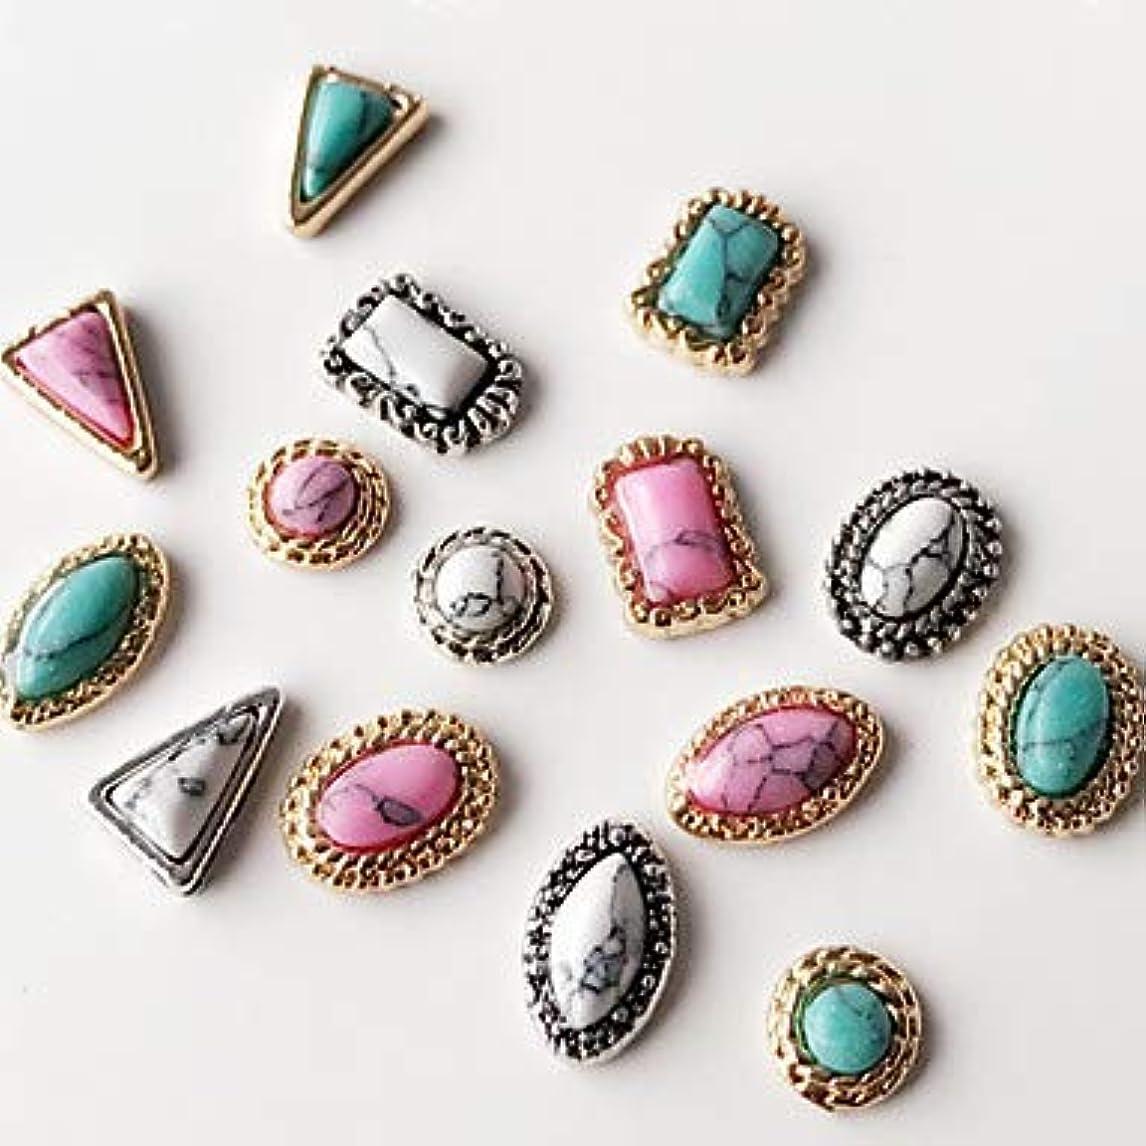 腹痛足音飲み込む10個混合スタイル混合色古代の宝石ネイルアートの装飾に戻ります